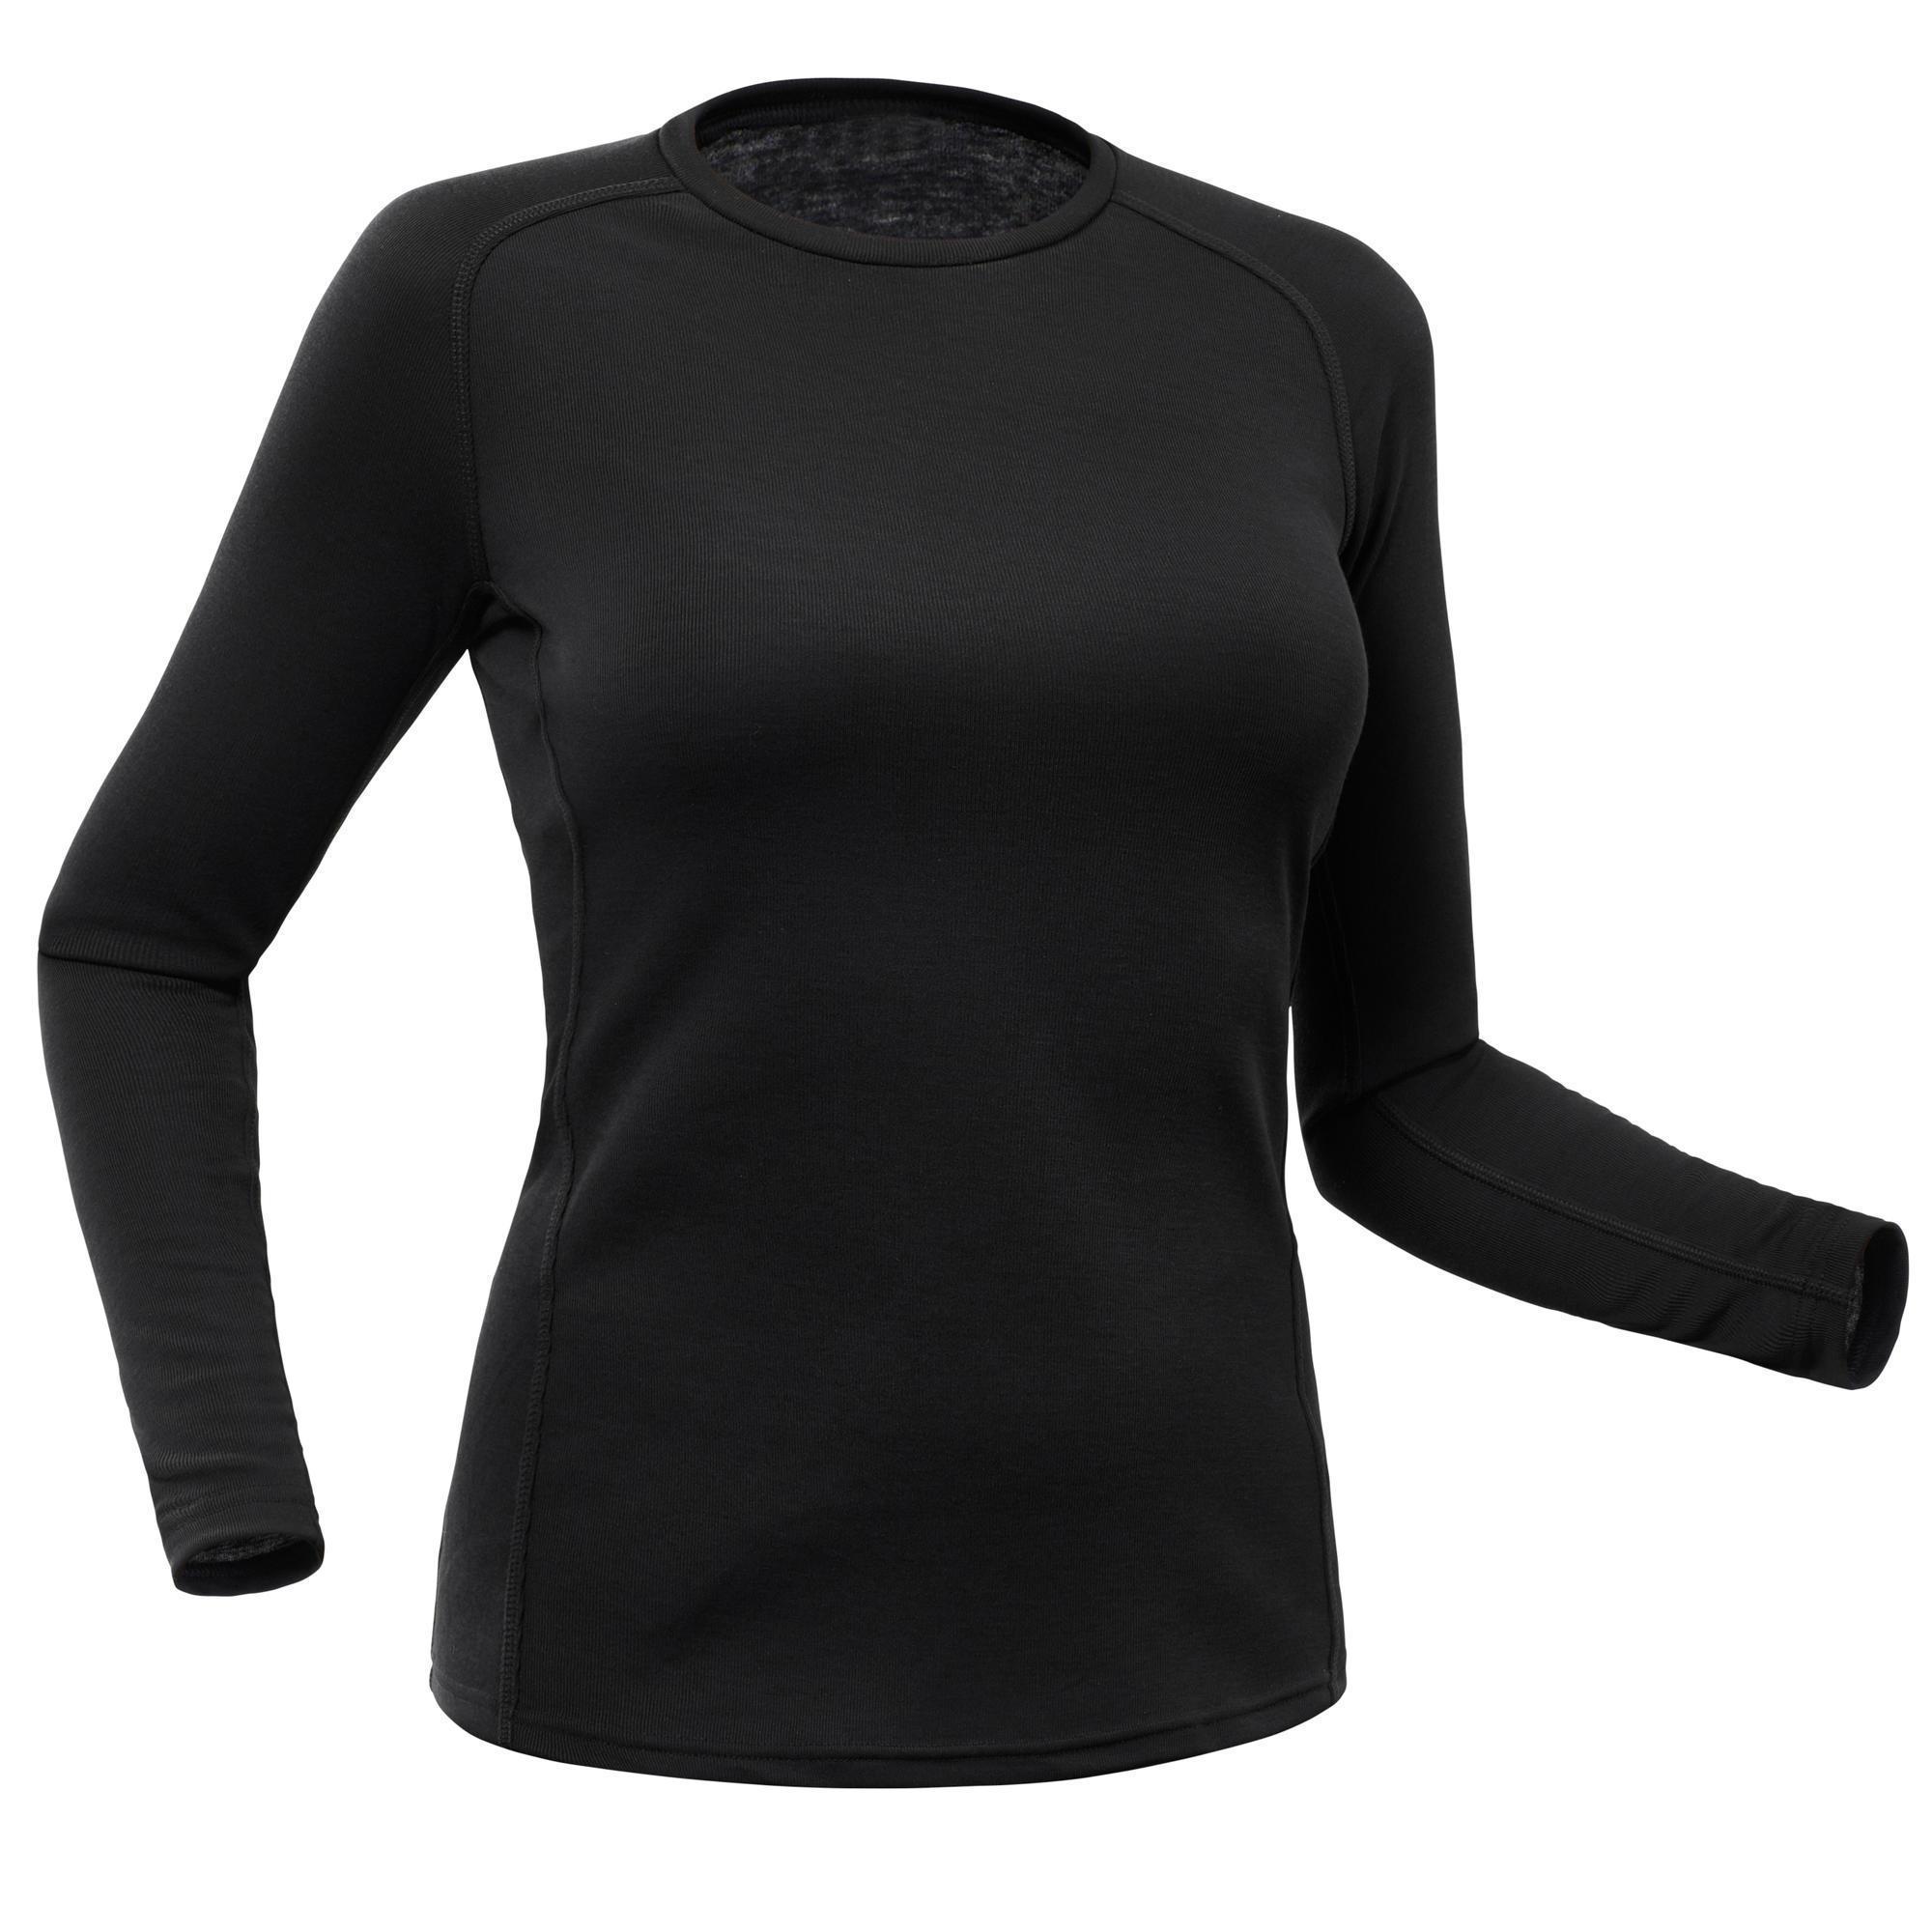 Wedze Thermoshirt Dames | Thermokleding dames | 100 | Zwart | Wedze